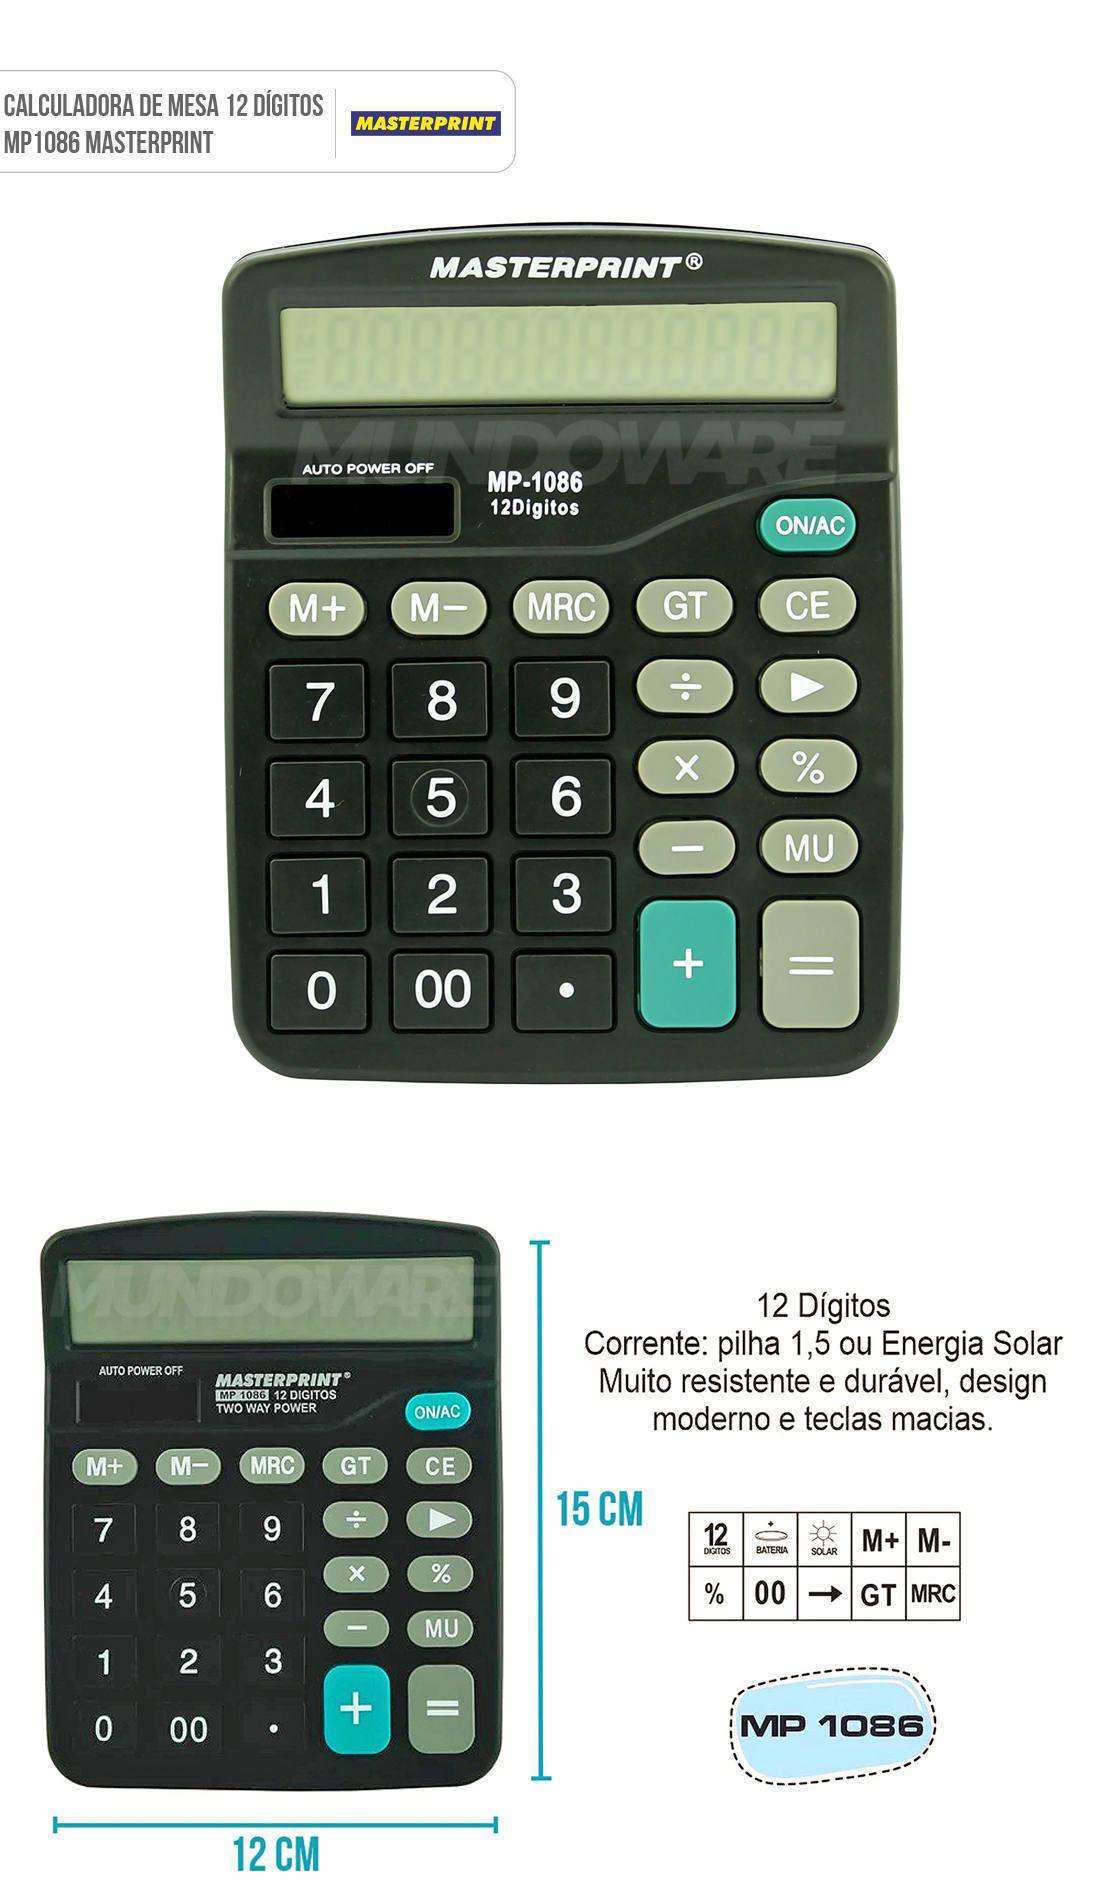 Calculadora de Mesa 12 Dígitos MP1086 MasterPrint